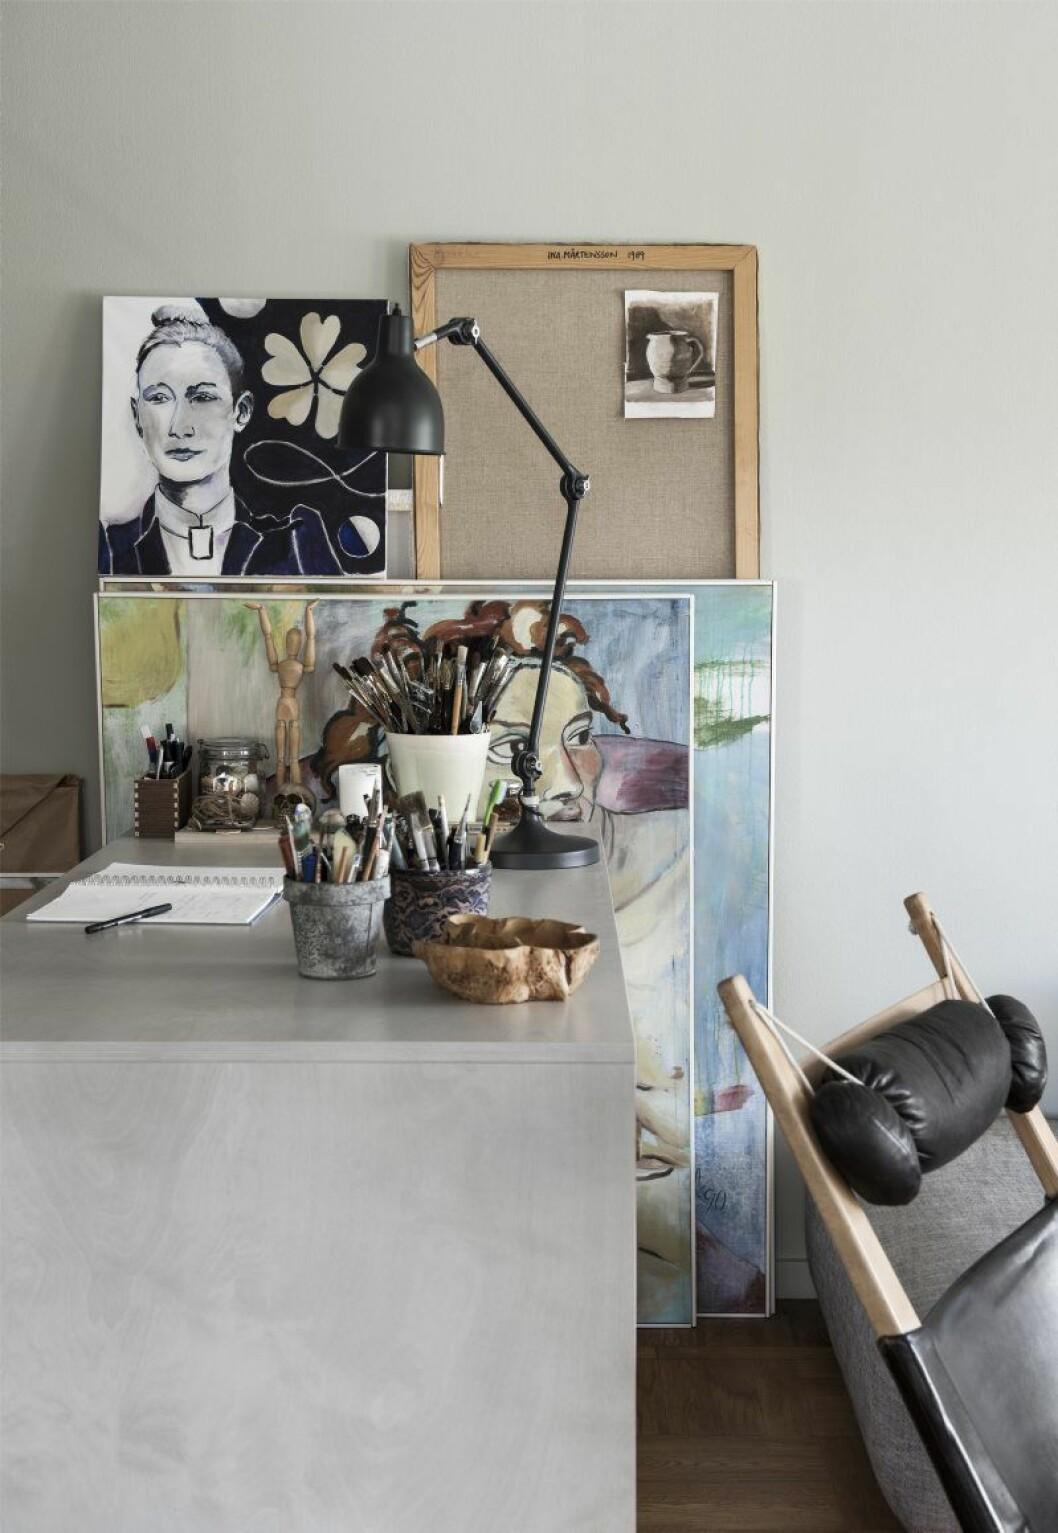 Verken av Ina M Andersson. Ateljédelen är inkilad i ett hörn av vardagsrummet. I familjen Anderssons fritidshus i Strängnäs finns en mer tilltagen arbetsyta.